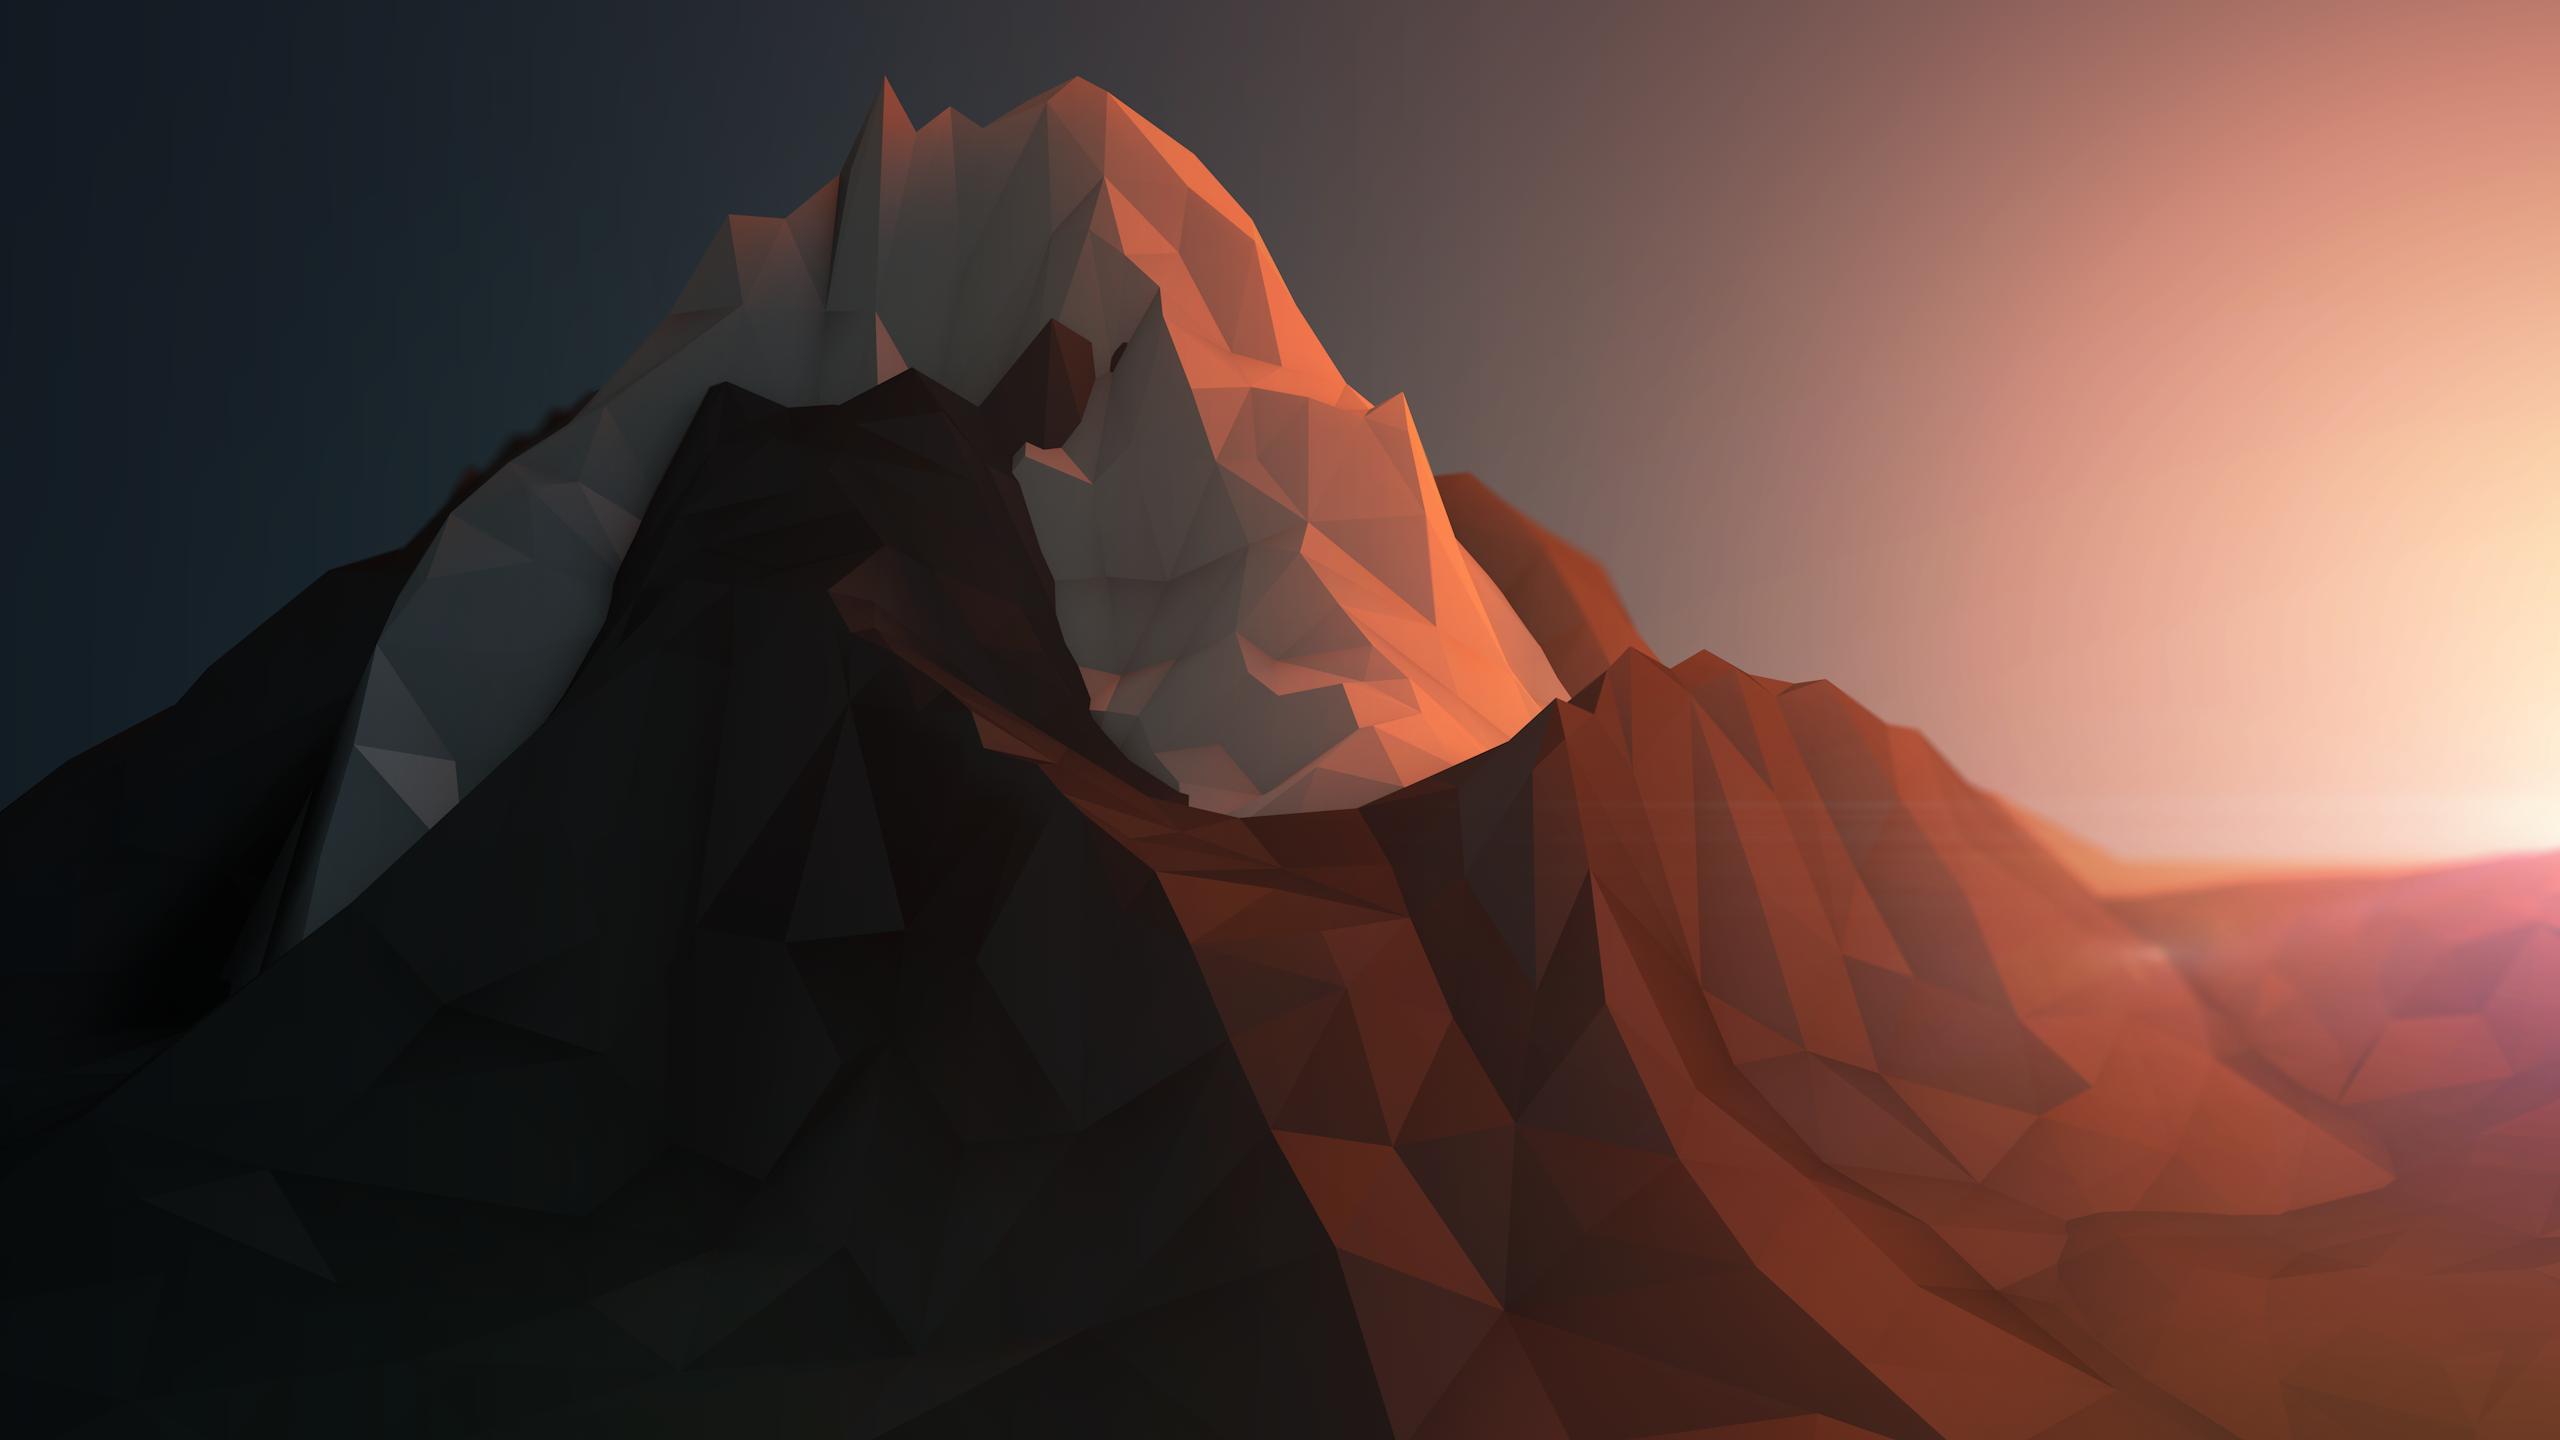 Low poly mountains wallpaper low polygons geometric wallpaper 2560x1440